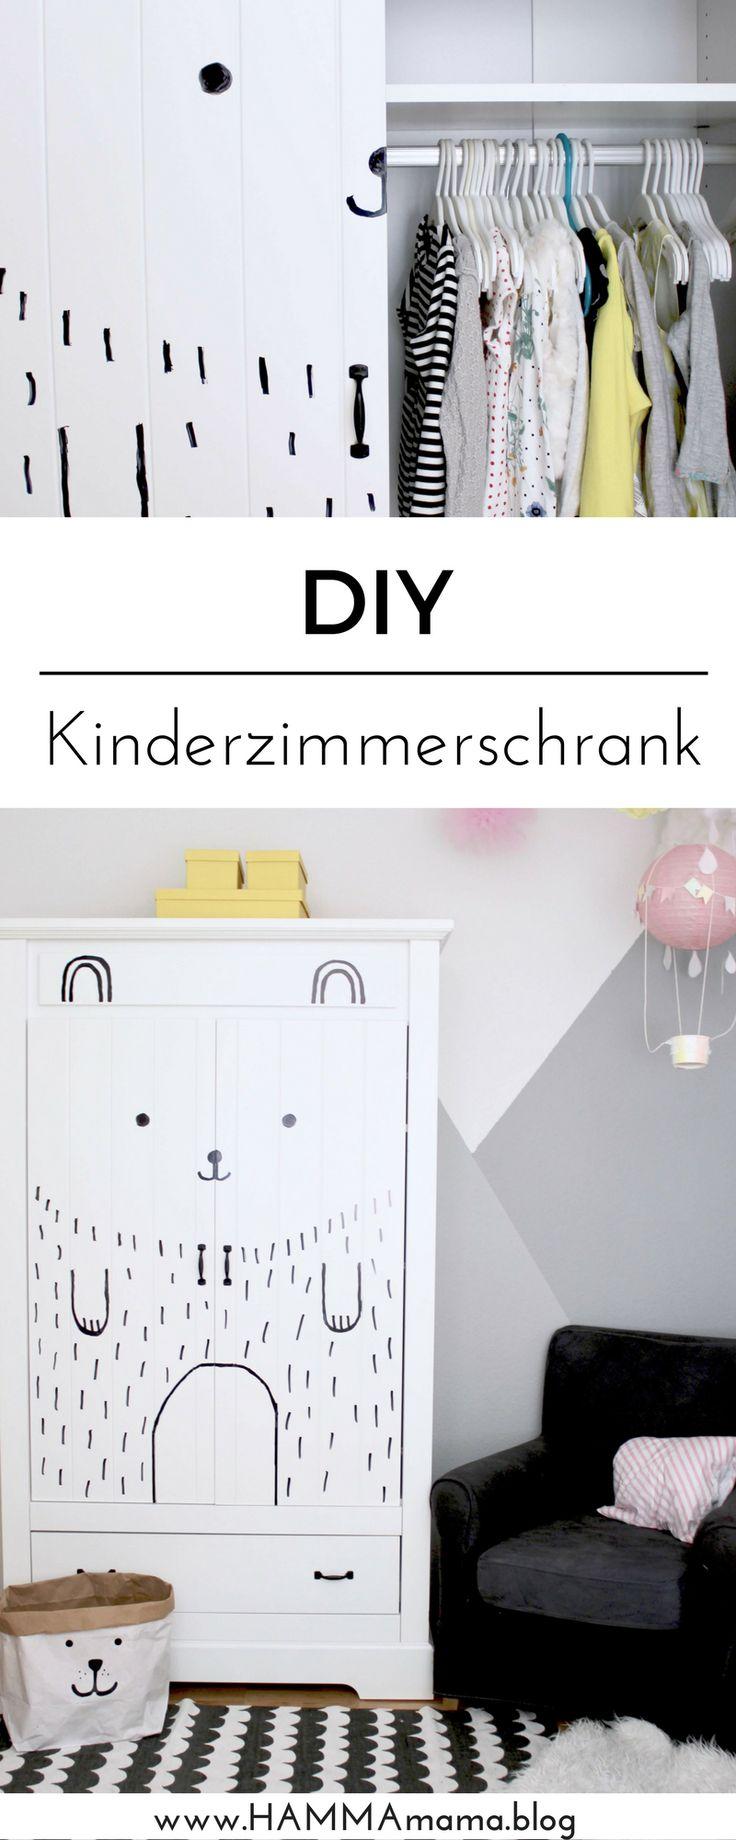 die besten 25 kinderzimmer streichen ideen nur auf pinterest kreide tafel wandspielzimmer. Black Bedroom Furniture Sets. Home Design Ideas